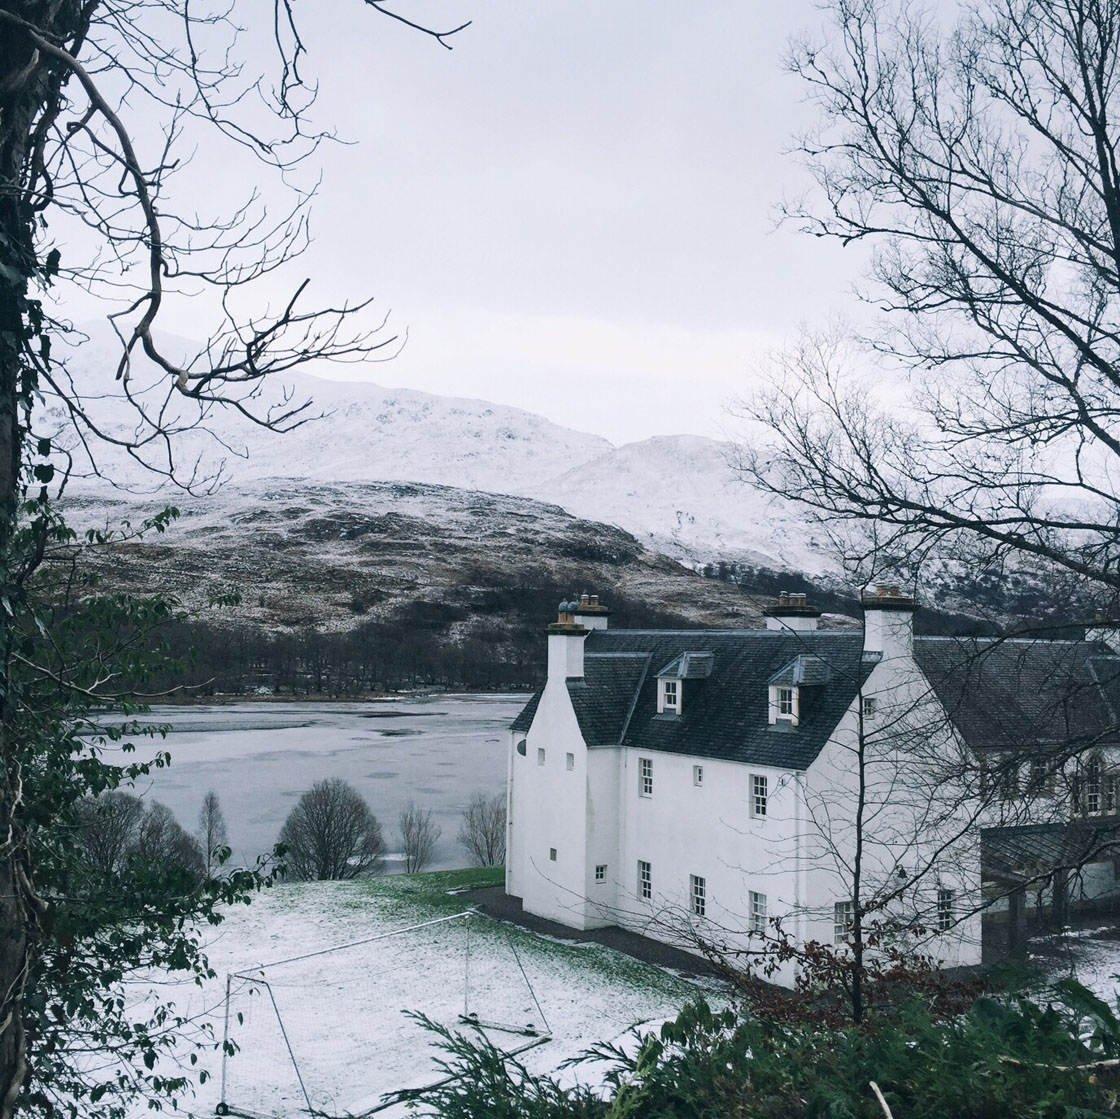 iPhone Landscape Photos With Buildings 25 no script